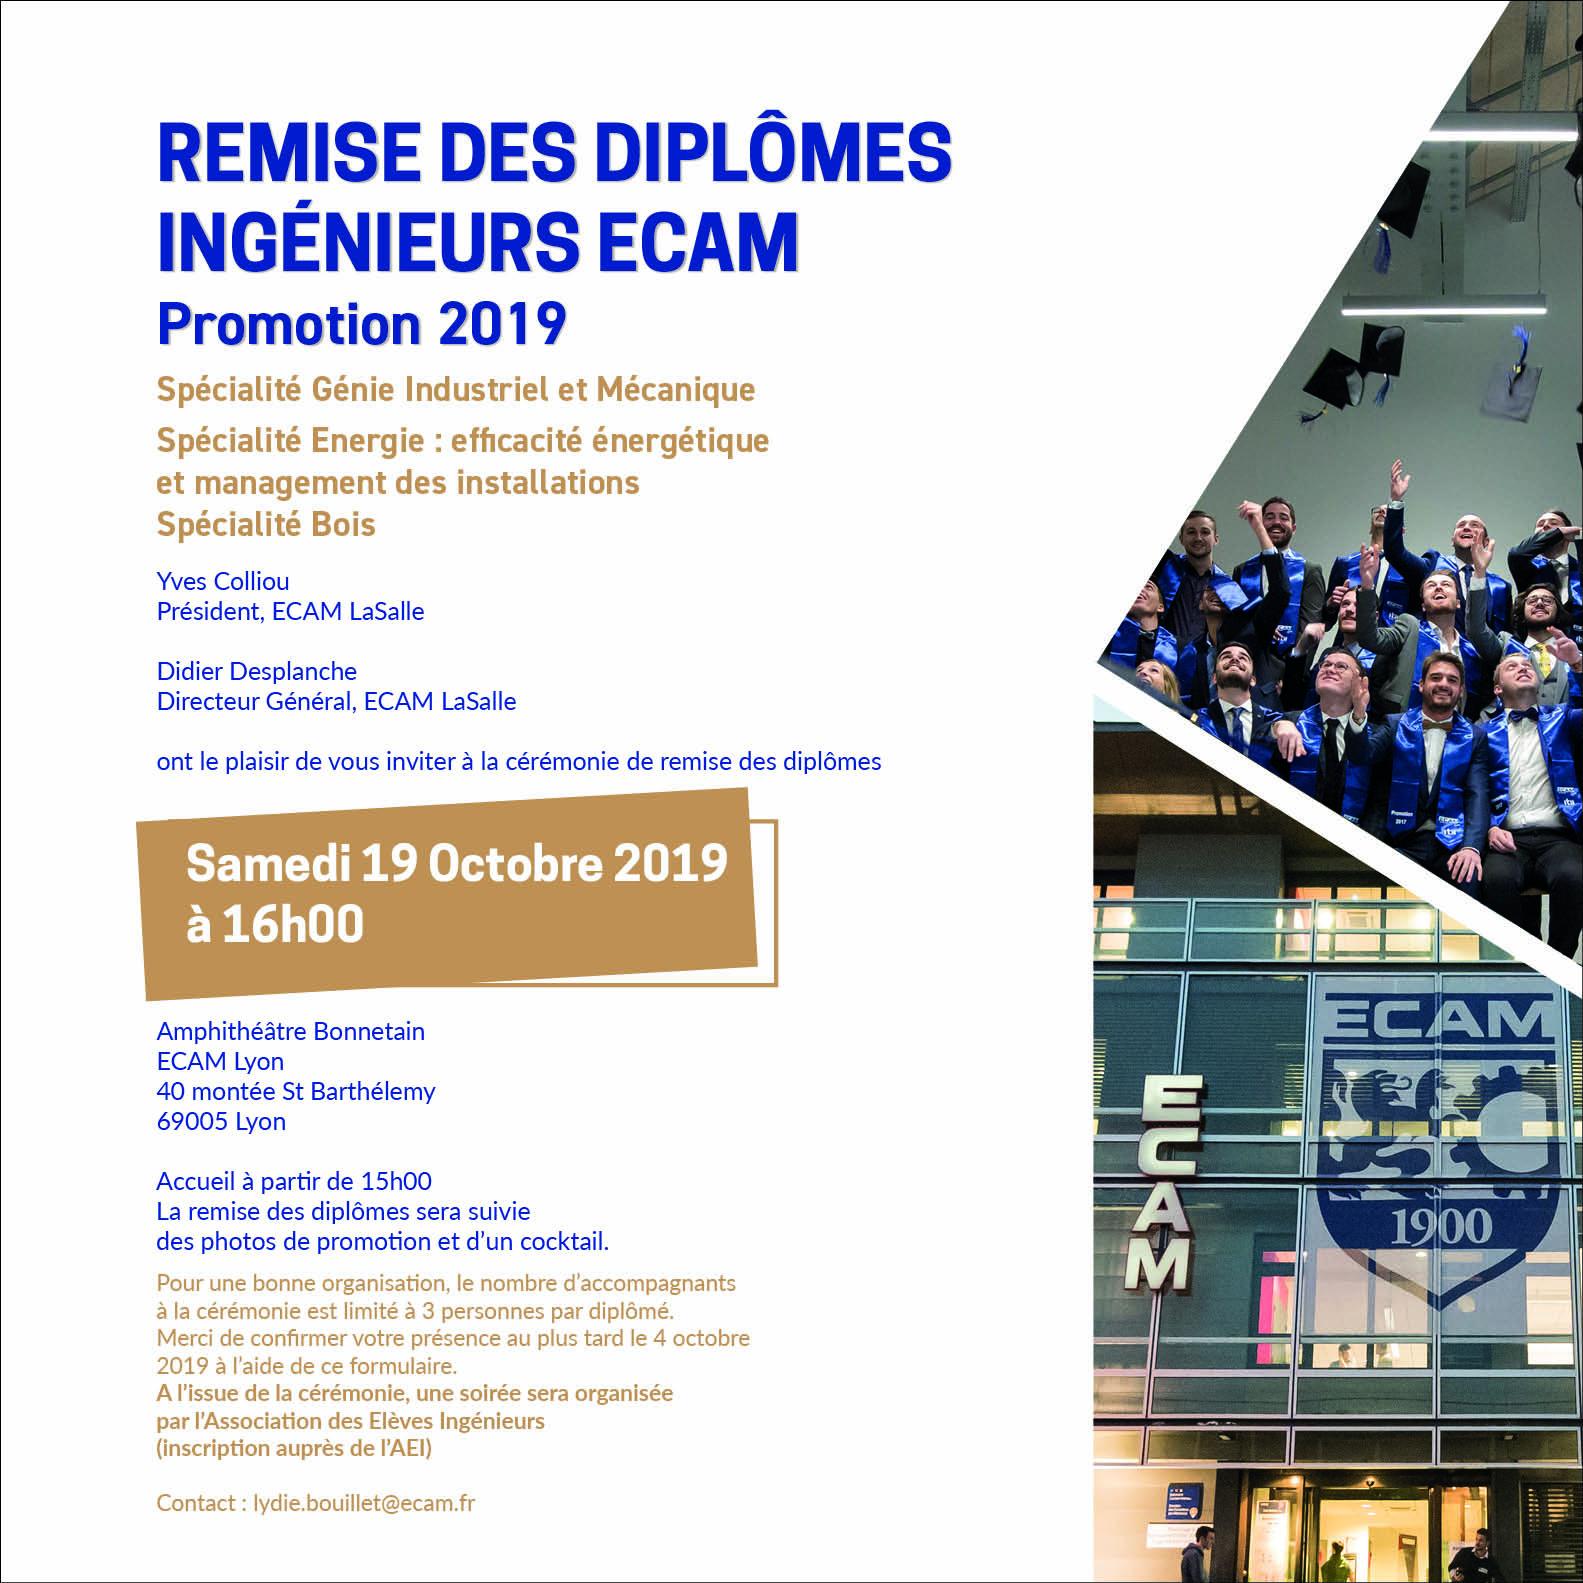 Remise des diplomes ingenieurs ECAM alternance